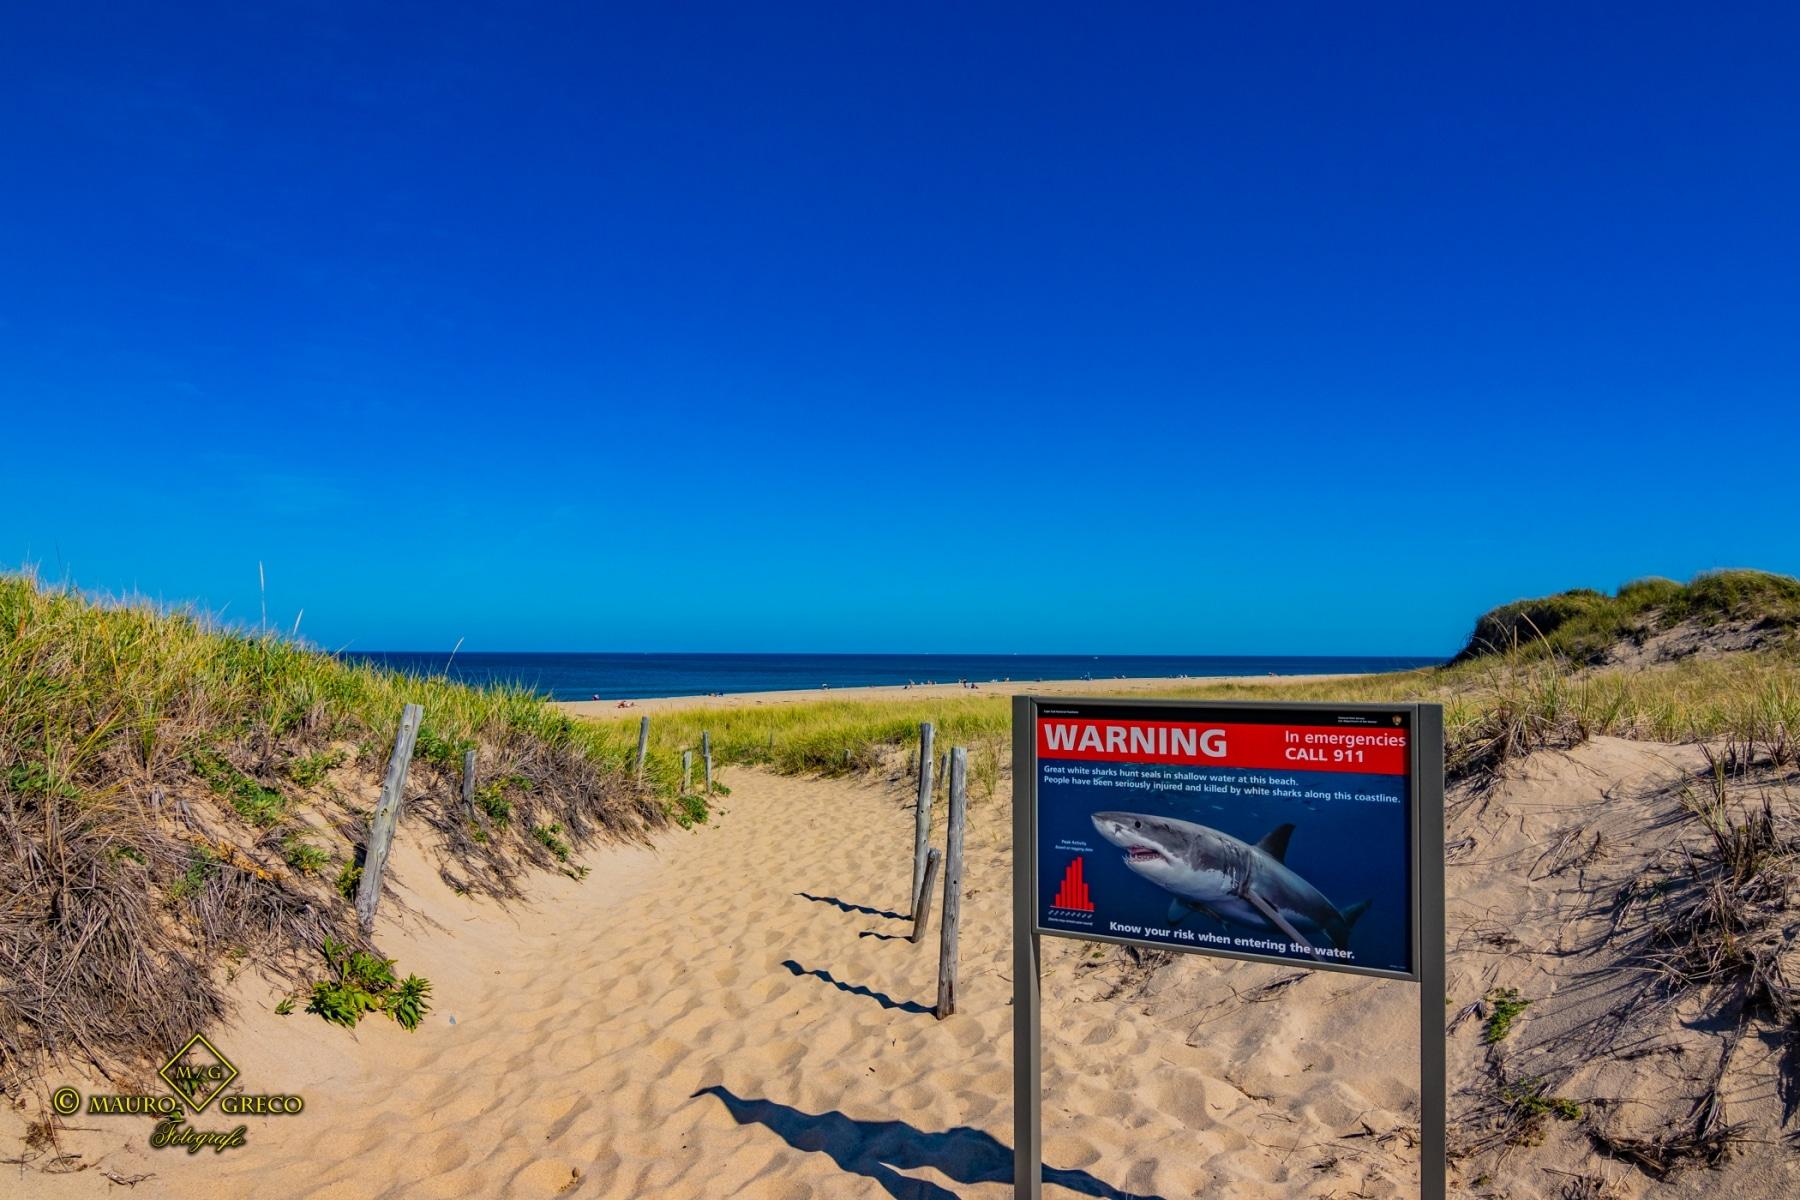 Cape Cod Massachusetts USA Great White Shark viaggi fotografici e vacanze Mauro Greco fotografo